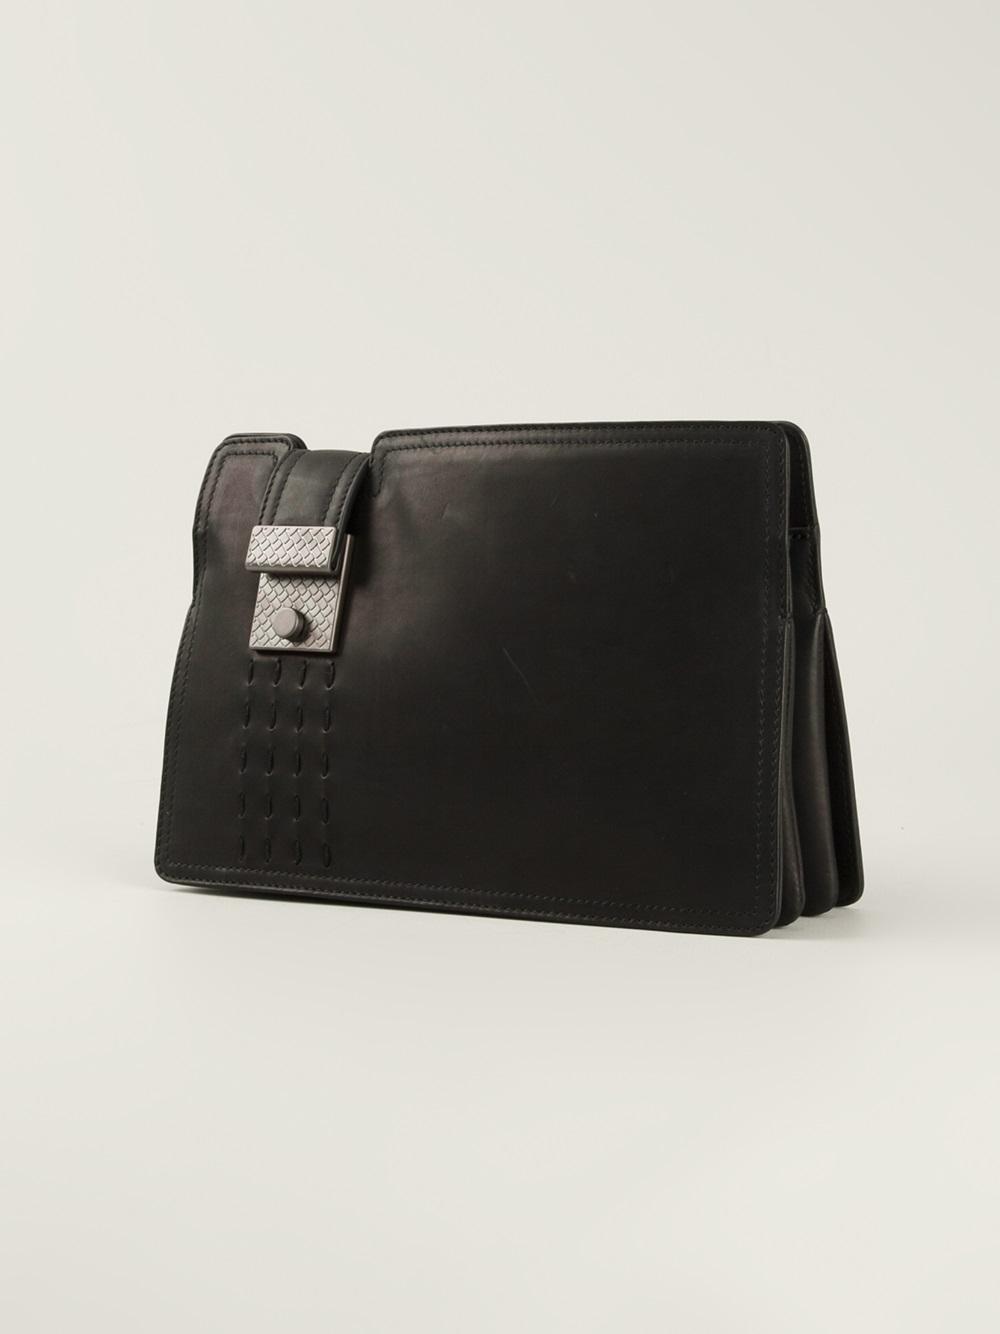 lyst bottega veneta clutch bag in black for men. Black Bedroom Furniture Sets. Home Design Ideas